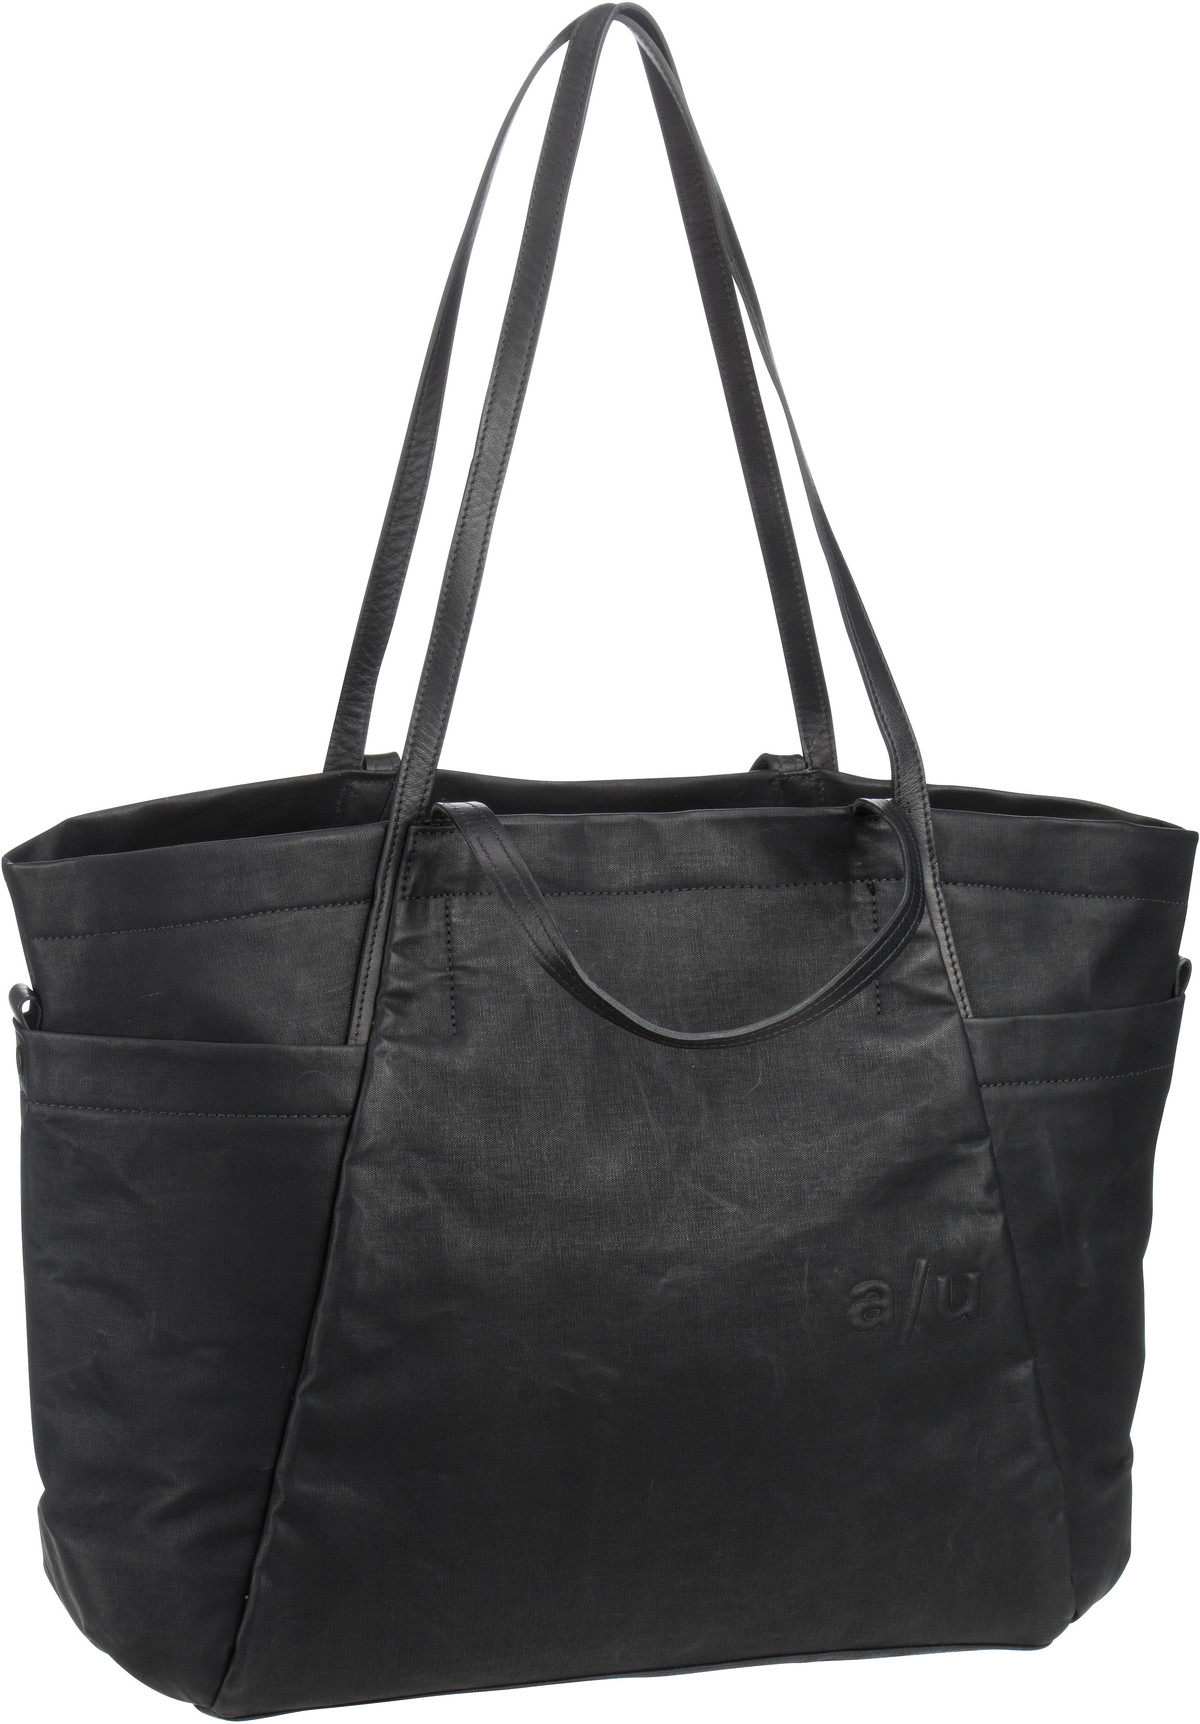 Handtasche Sapporo Black